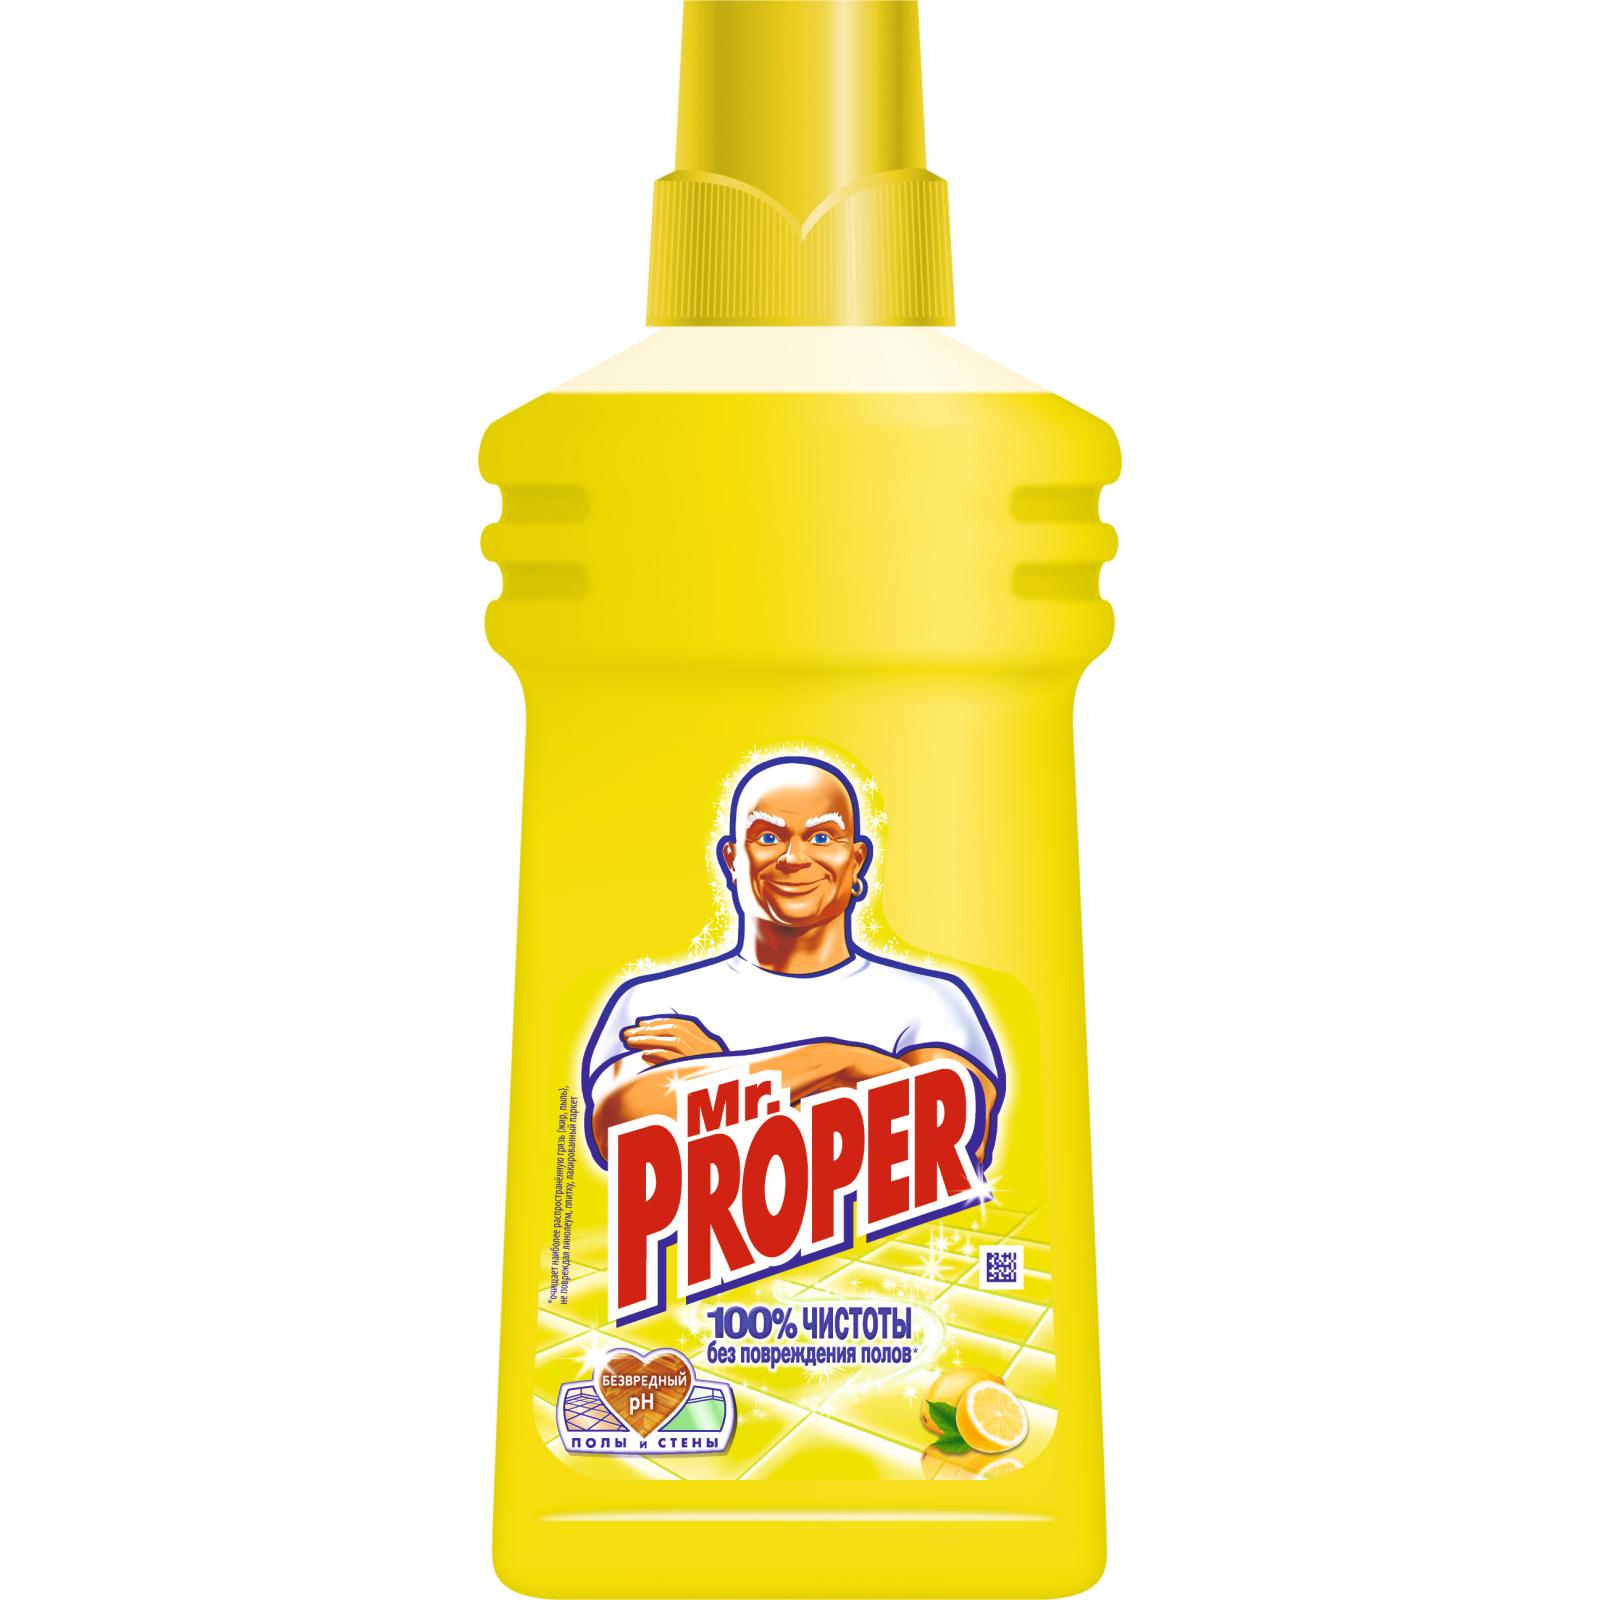 Моющая жидкость для уборки Mr. Proper для полов и стен Лимон 500 мл (5413149070066)